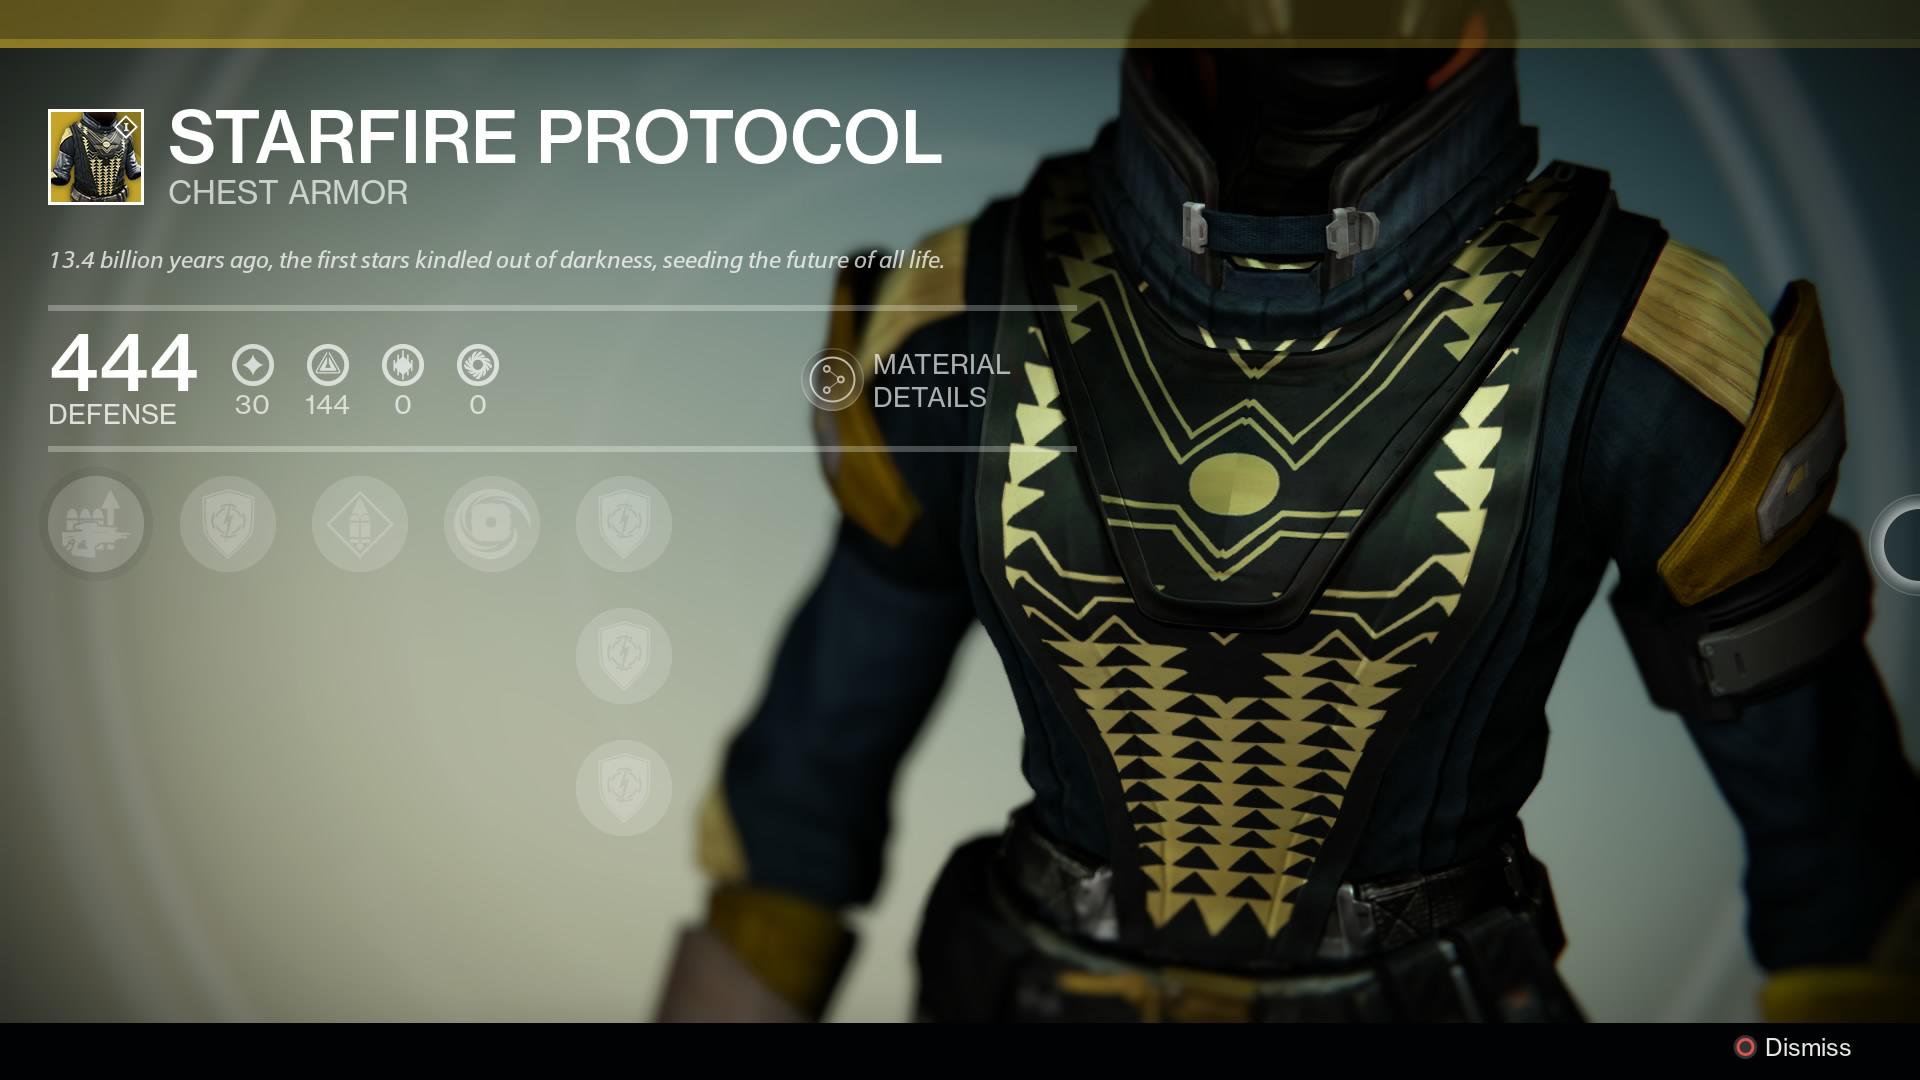 Starfire Protocol